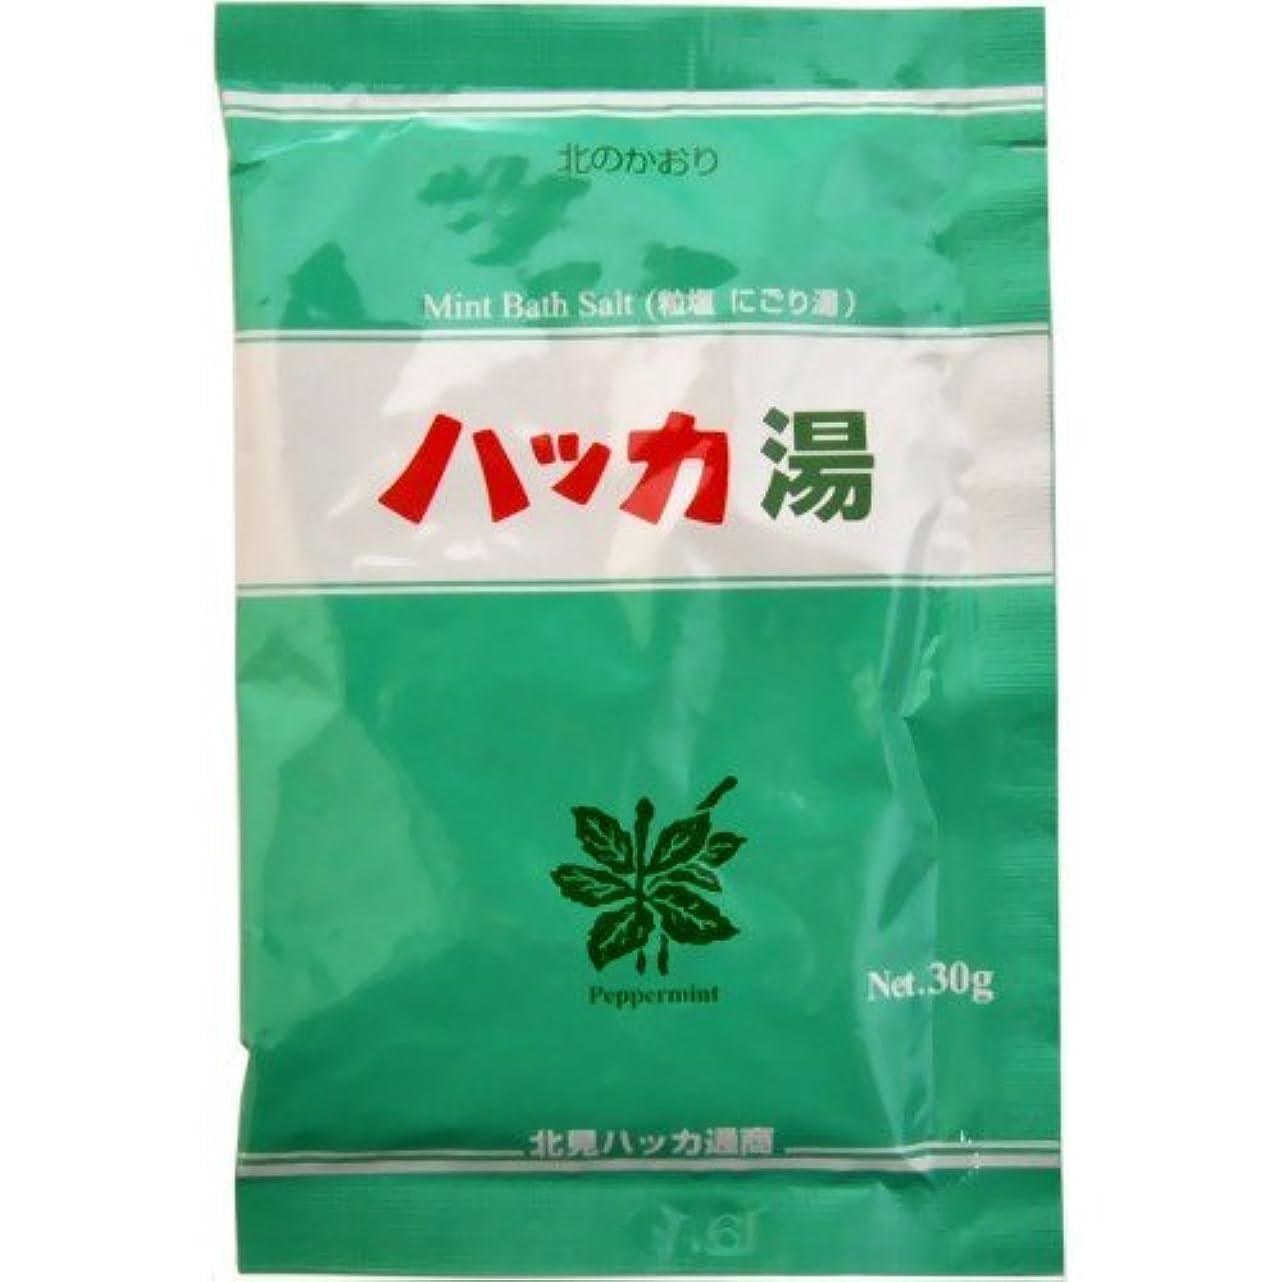 磁器キリン集団北見ハッカ ハッカ湯 30g(入浴剤 クールタイプ)